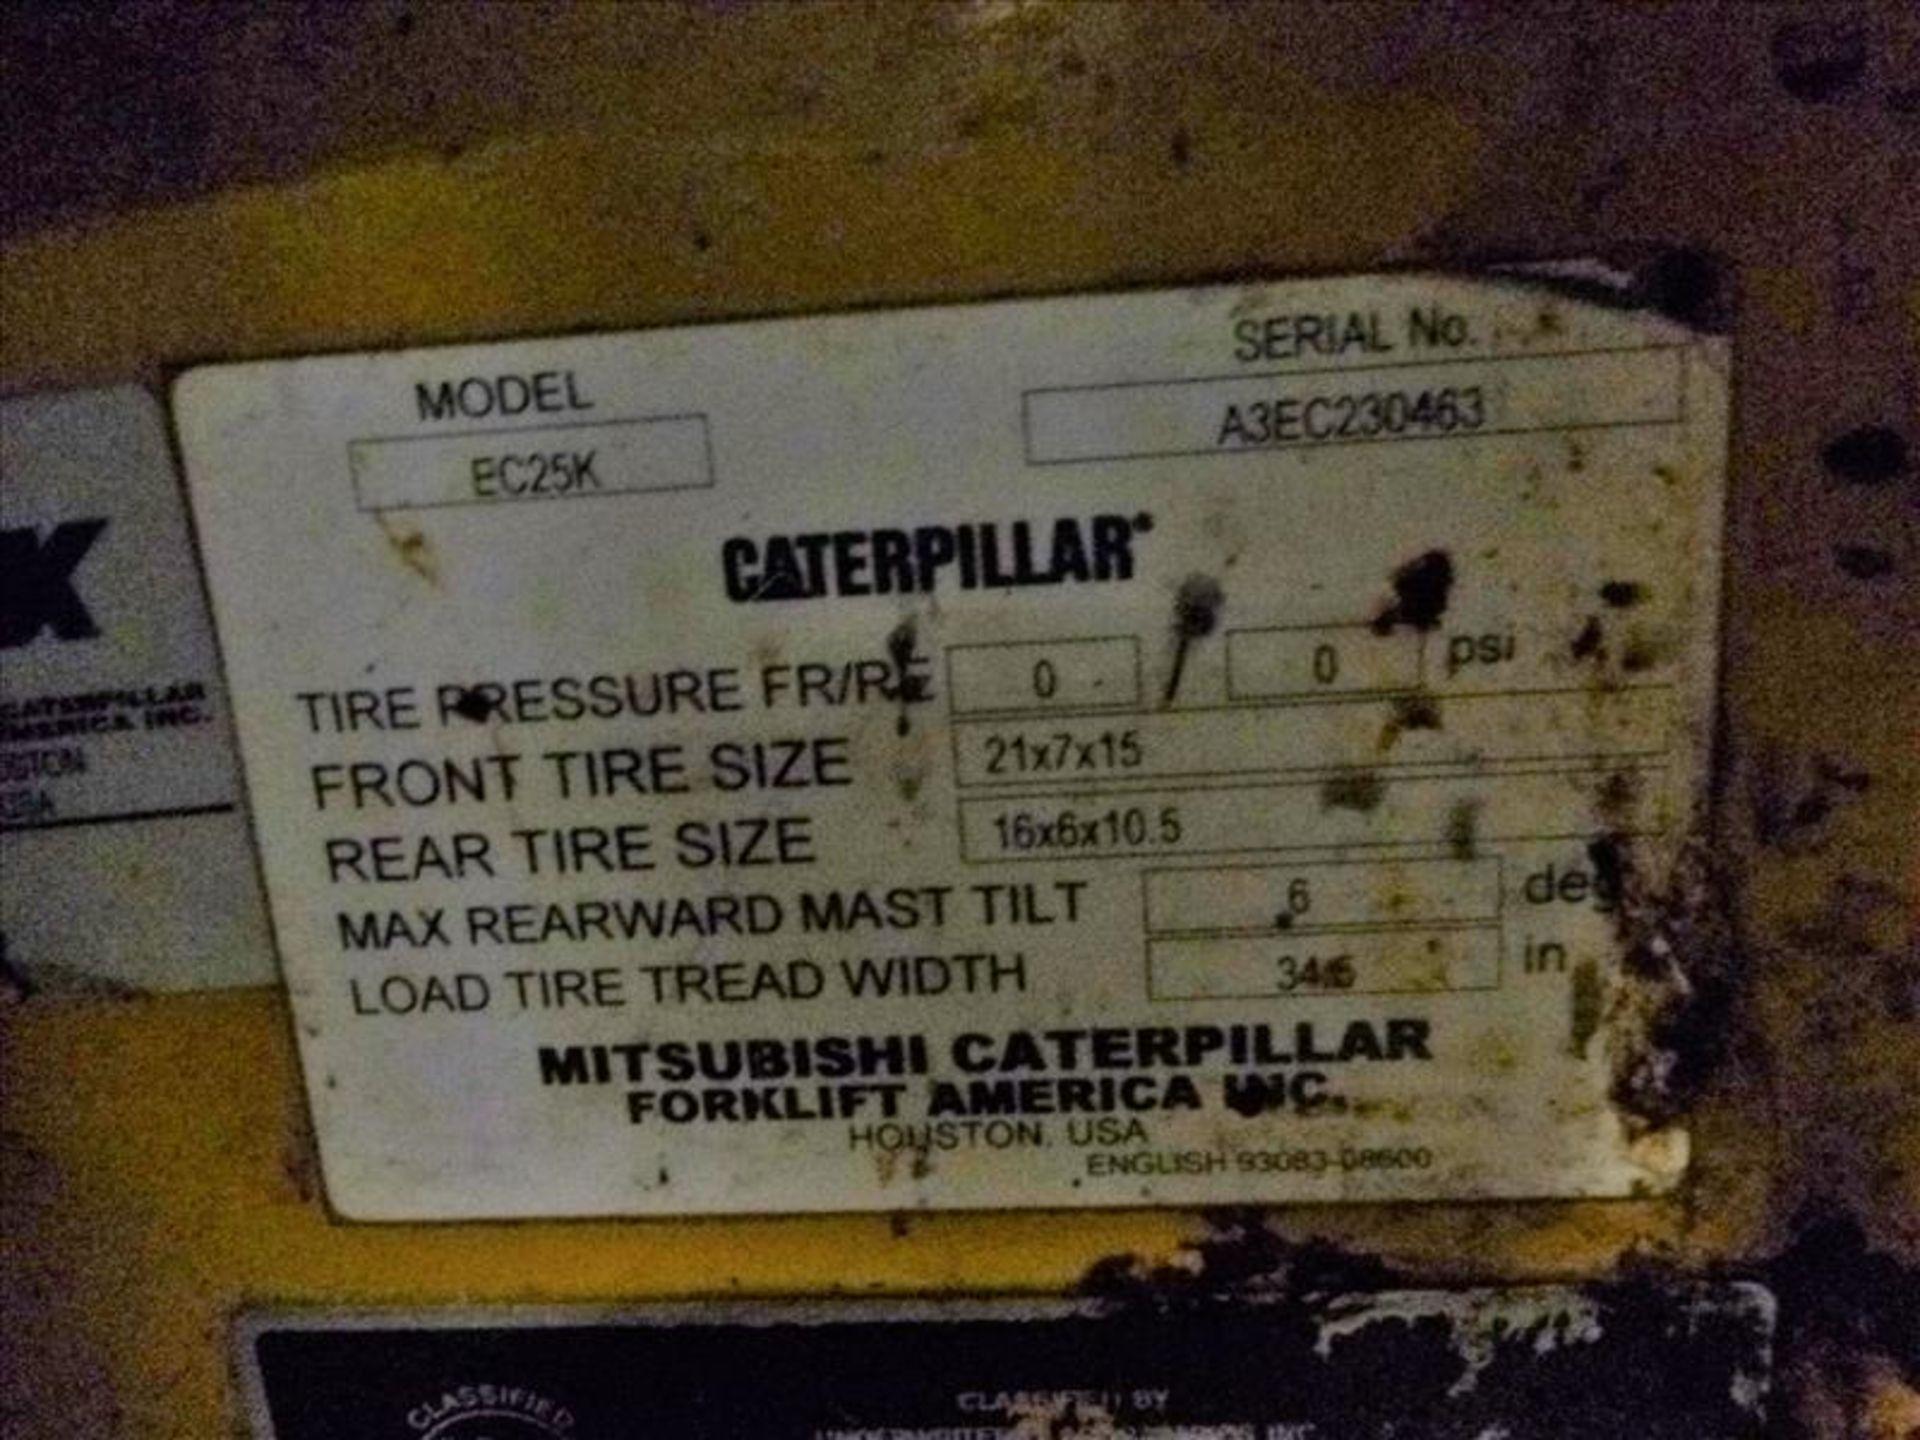 Caterpillar fork lift truck, mod. EC25K, ser. no. A3EC230463, 48V electric, 4450 lbs cap., 188 in. - Image 4 of 4